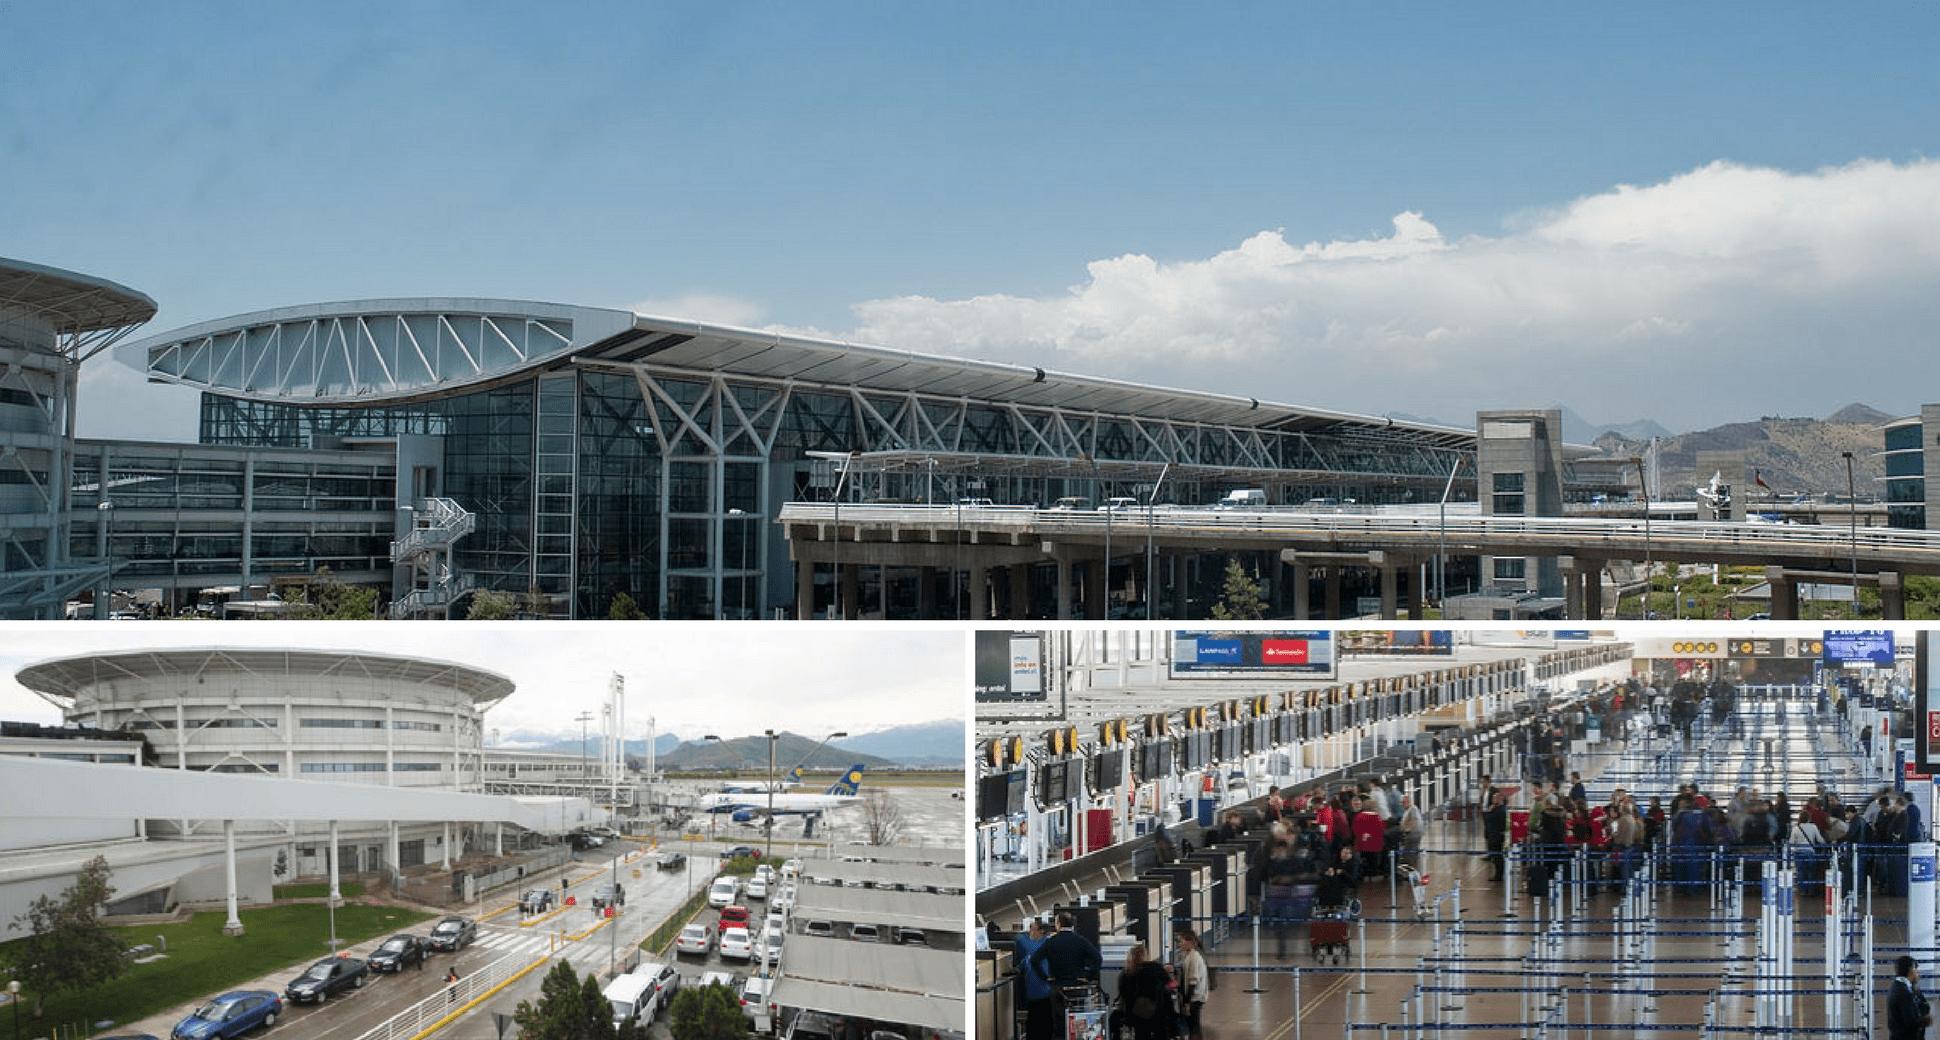 aeropuerto internacional santiago de chile Comodoro Arturo Merino Benitez - Tecnoseñal señalizará la ampliación del Aeropuerto Internacional de Santiago de Chile